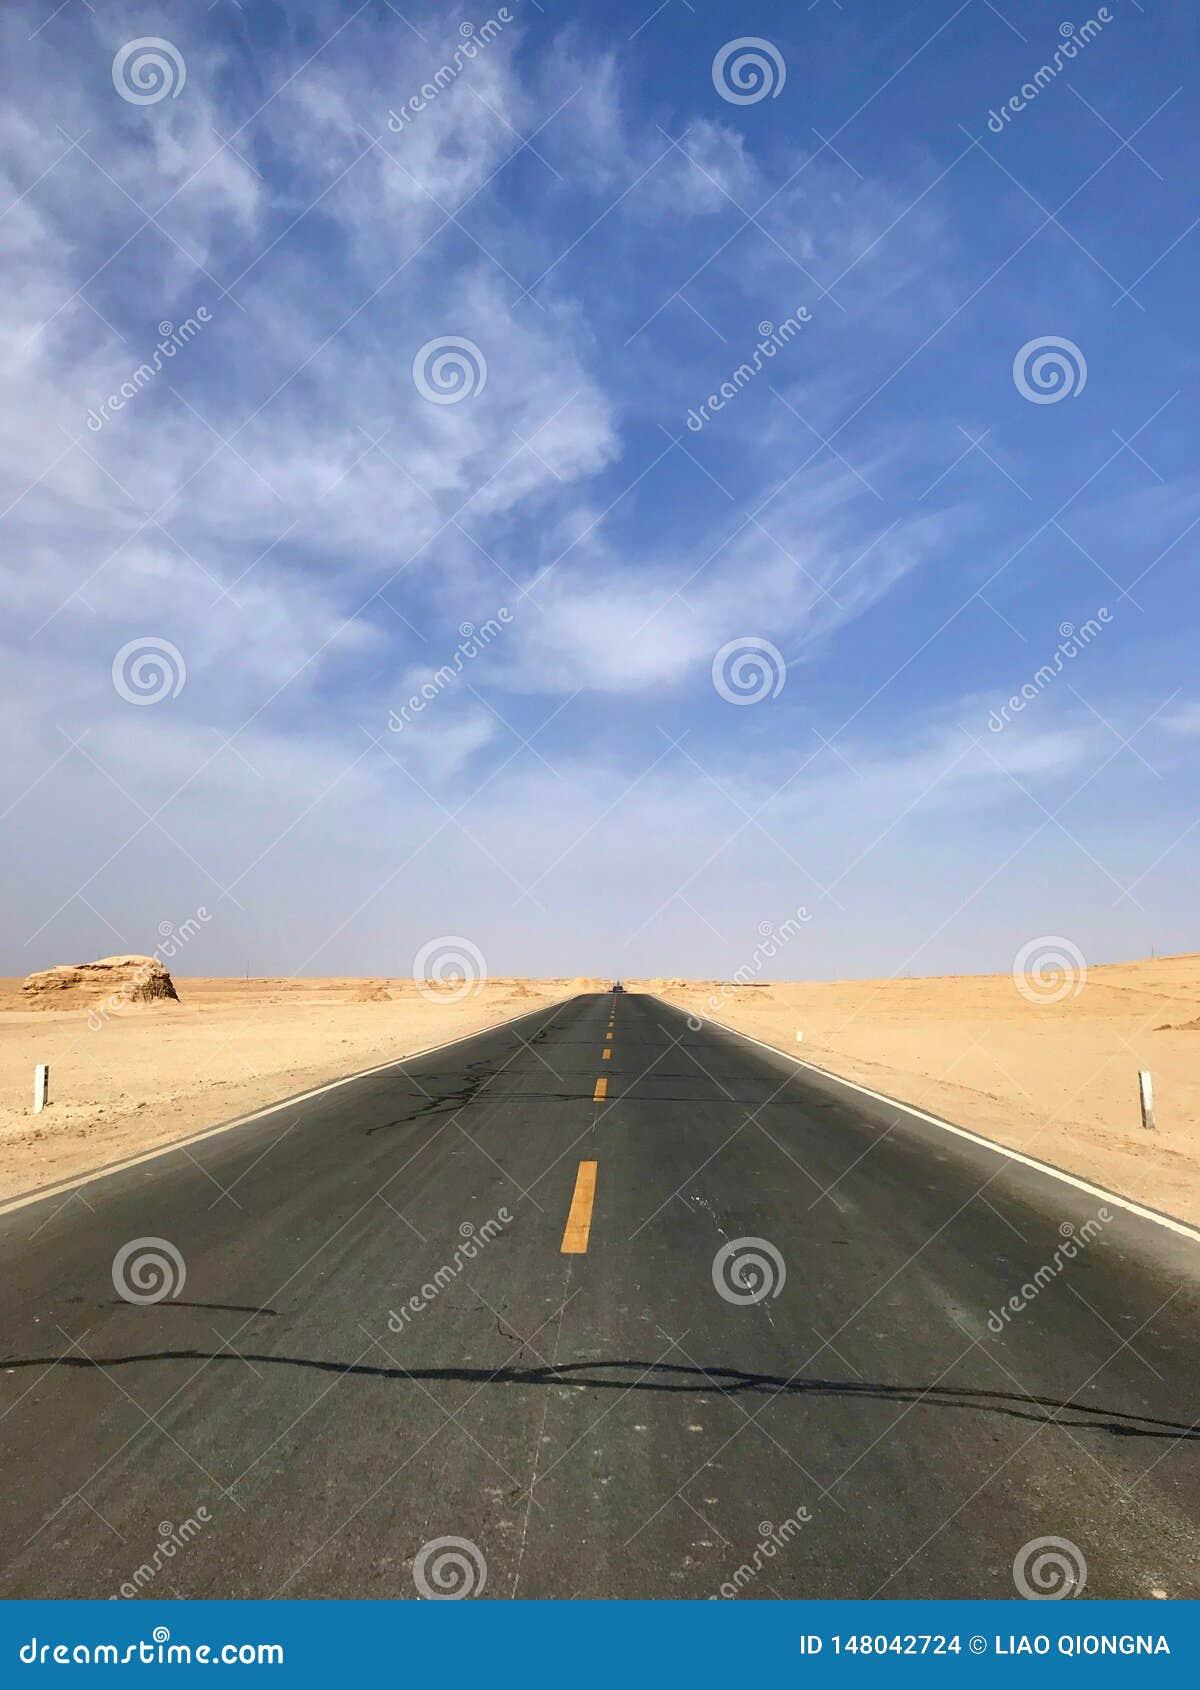 平直的沥青路,被修造在沙漠之间,没人路的